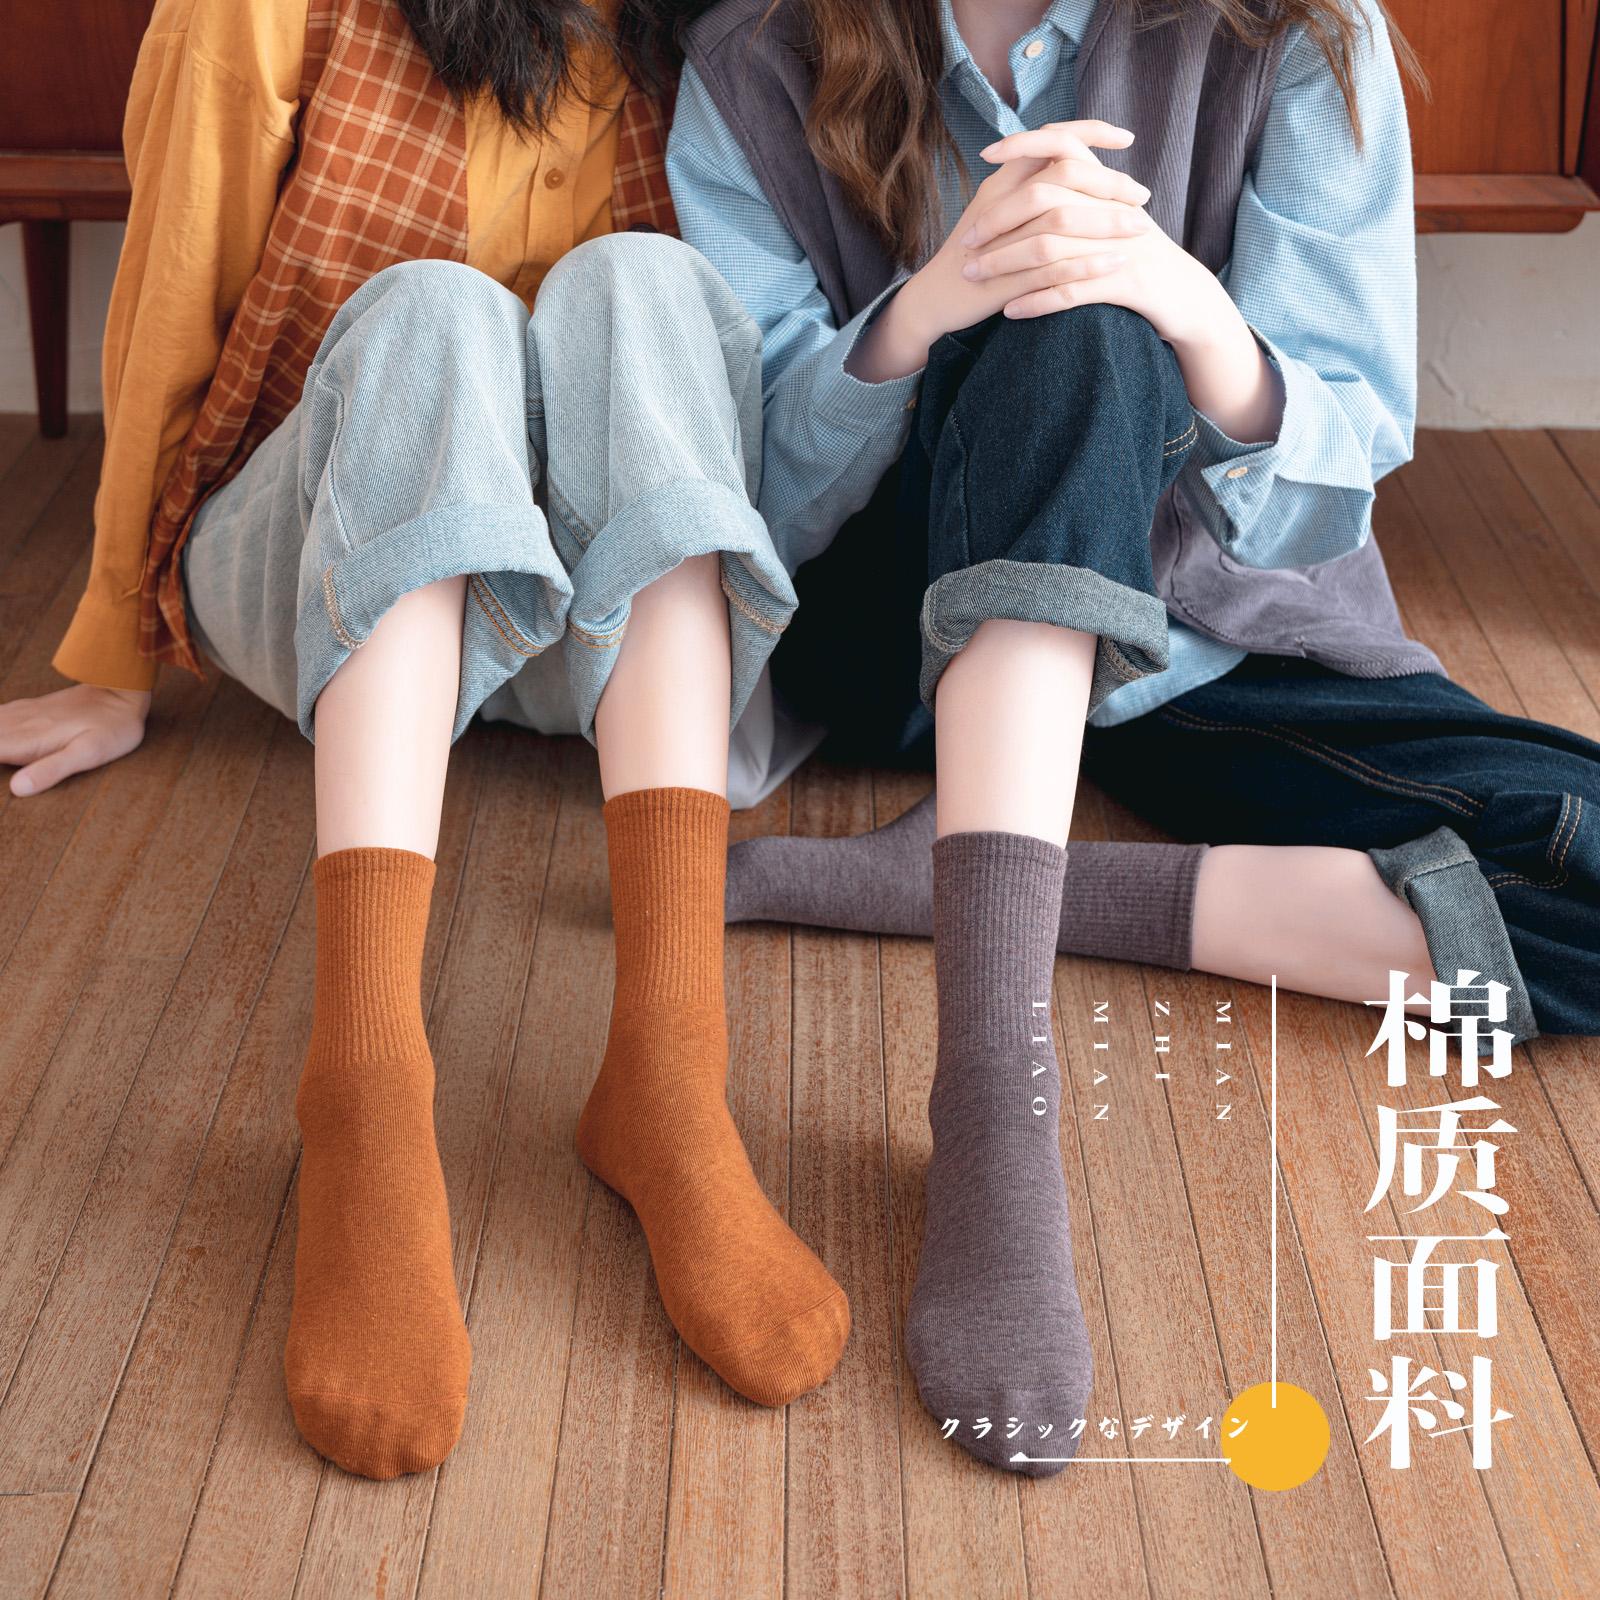 长袜子女中筒袜 潮日系秋天纯棉堆堆袜春秋冬款全棉黑色长筒袜  ins